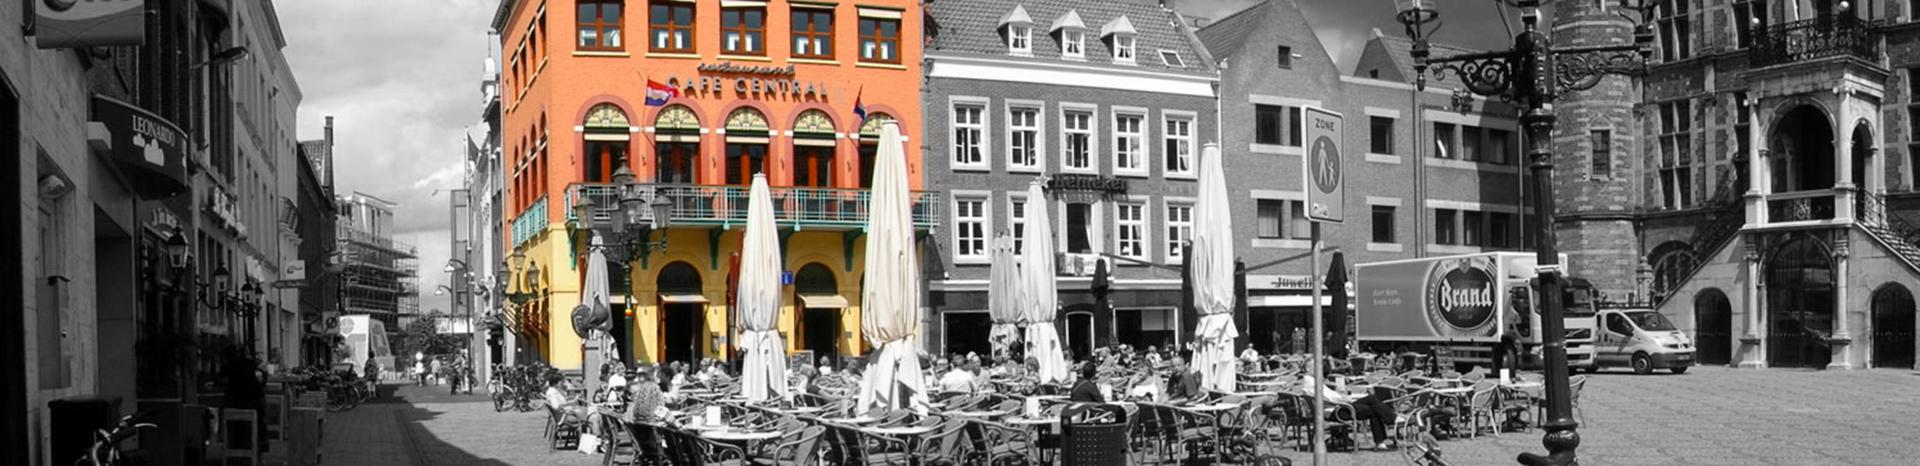 Letselschade advocaat Venlo | LetselPro